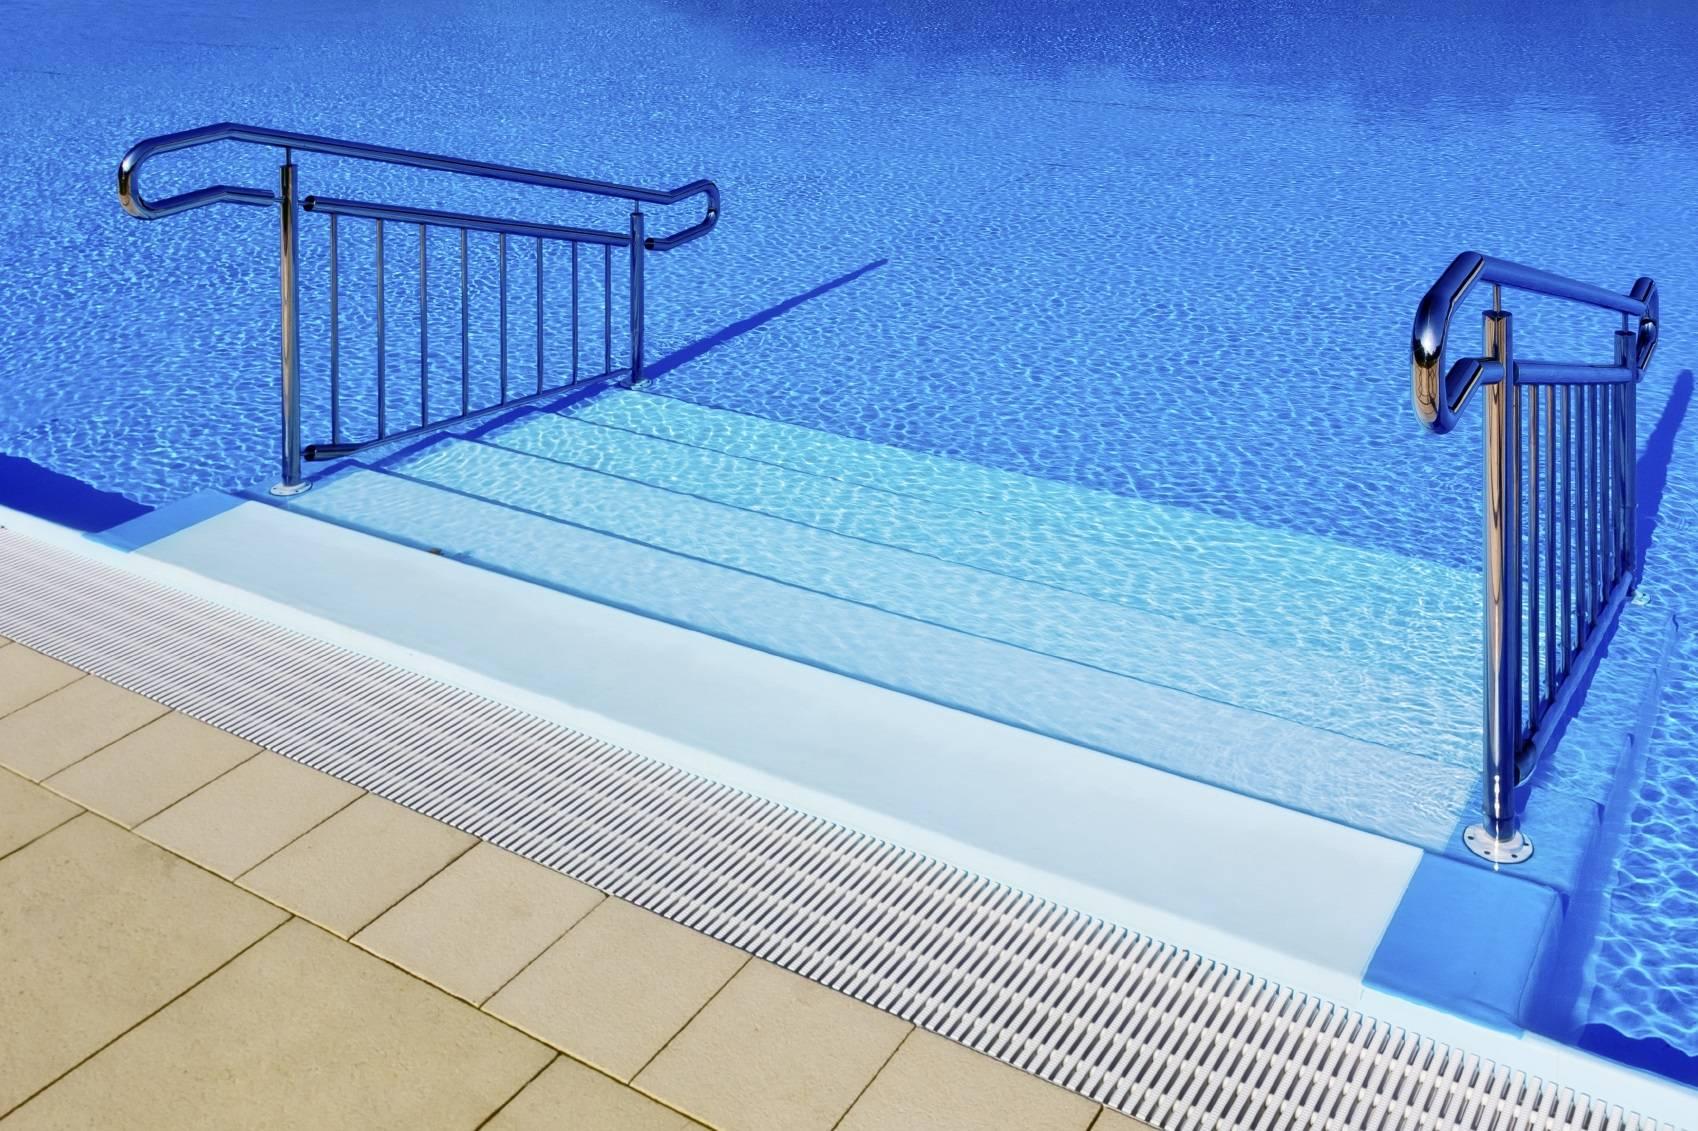 Choix d 39 un escalier pour piscine - Escalier beton pret a poser ...